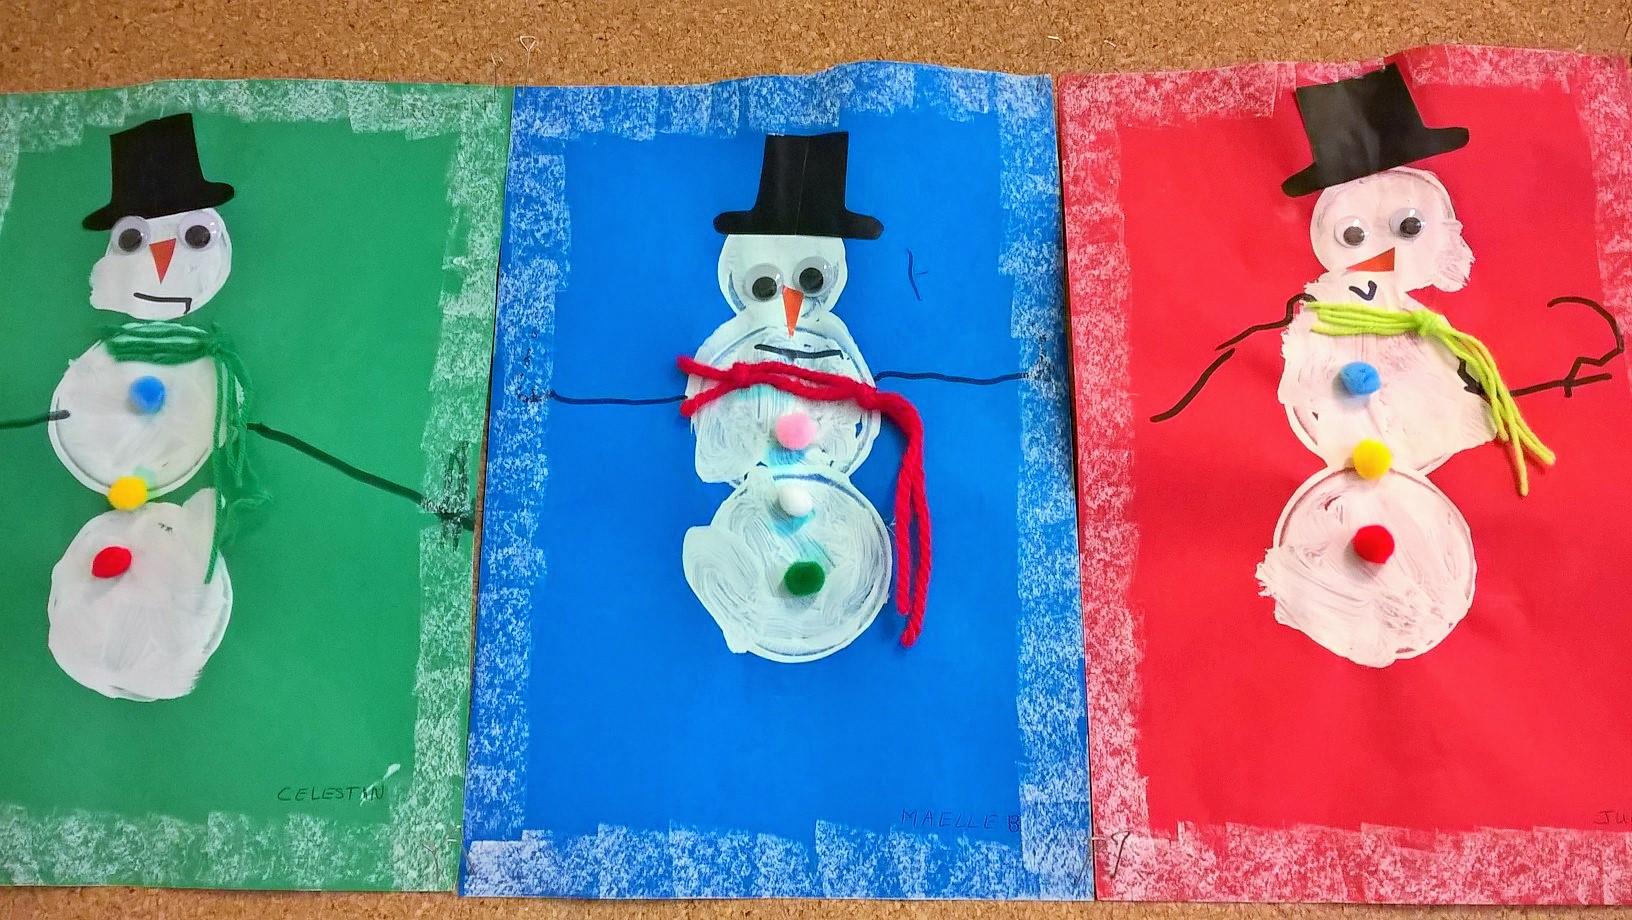 Bonhomme de neige 2 maternelle veux pas - Noel petite section ...